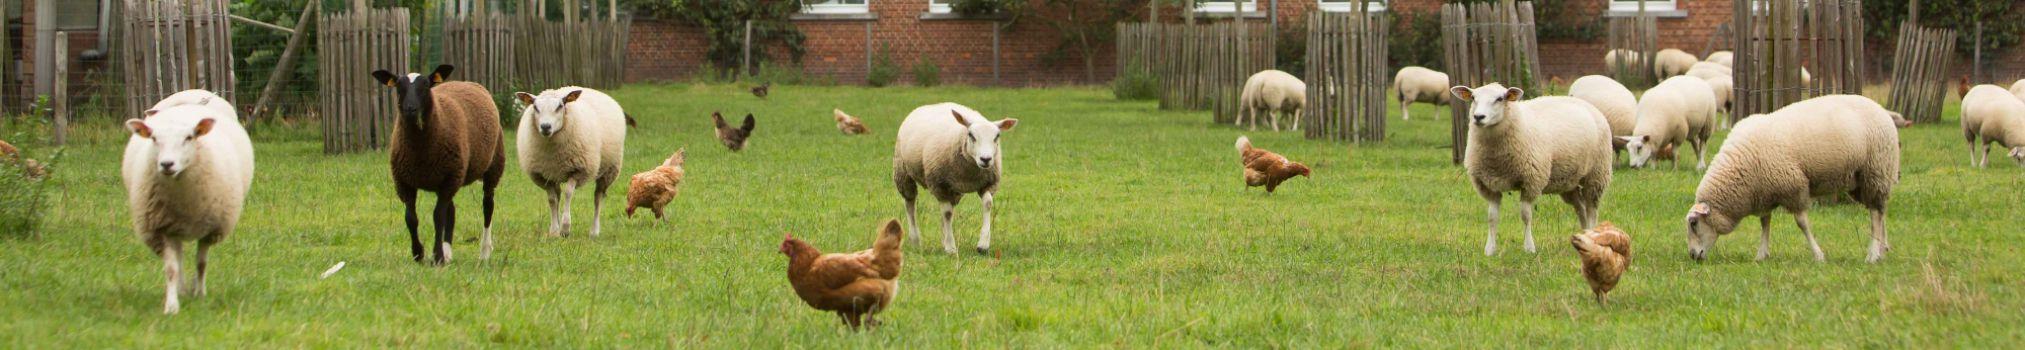 Les moutons et les poules évoluent en liberté dans un pré à l'intérieur des murs de l'abbaye